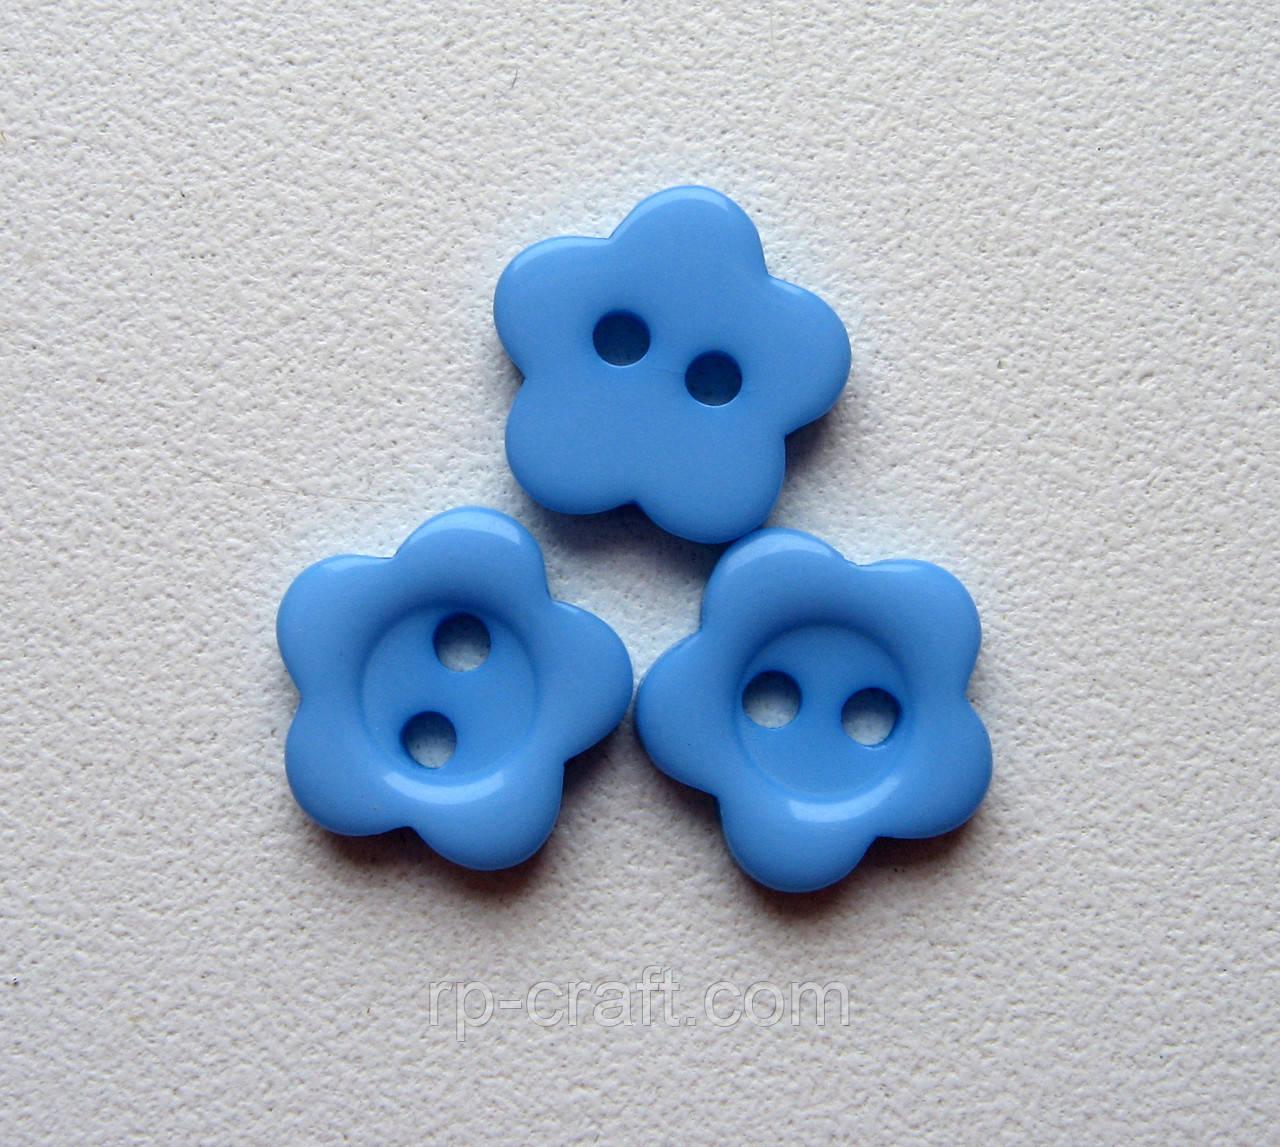 Пуговица пластиковая, декоративная, фигурная. 10 мм Цветок  голубой